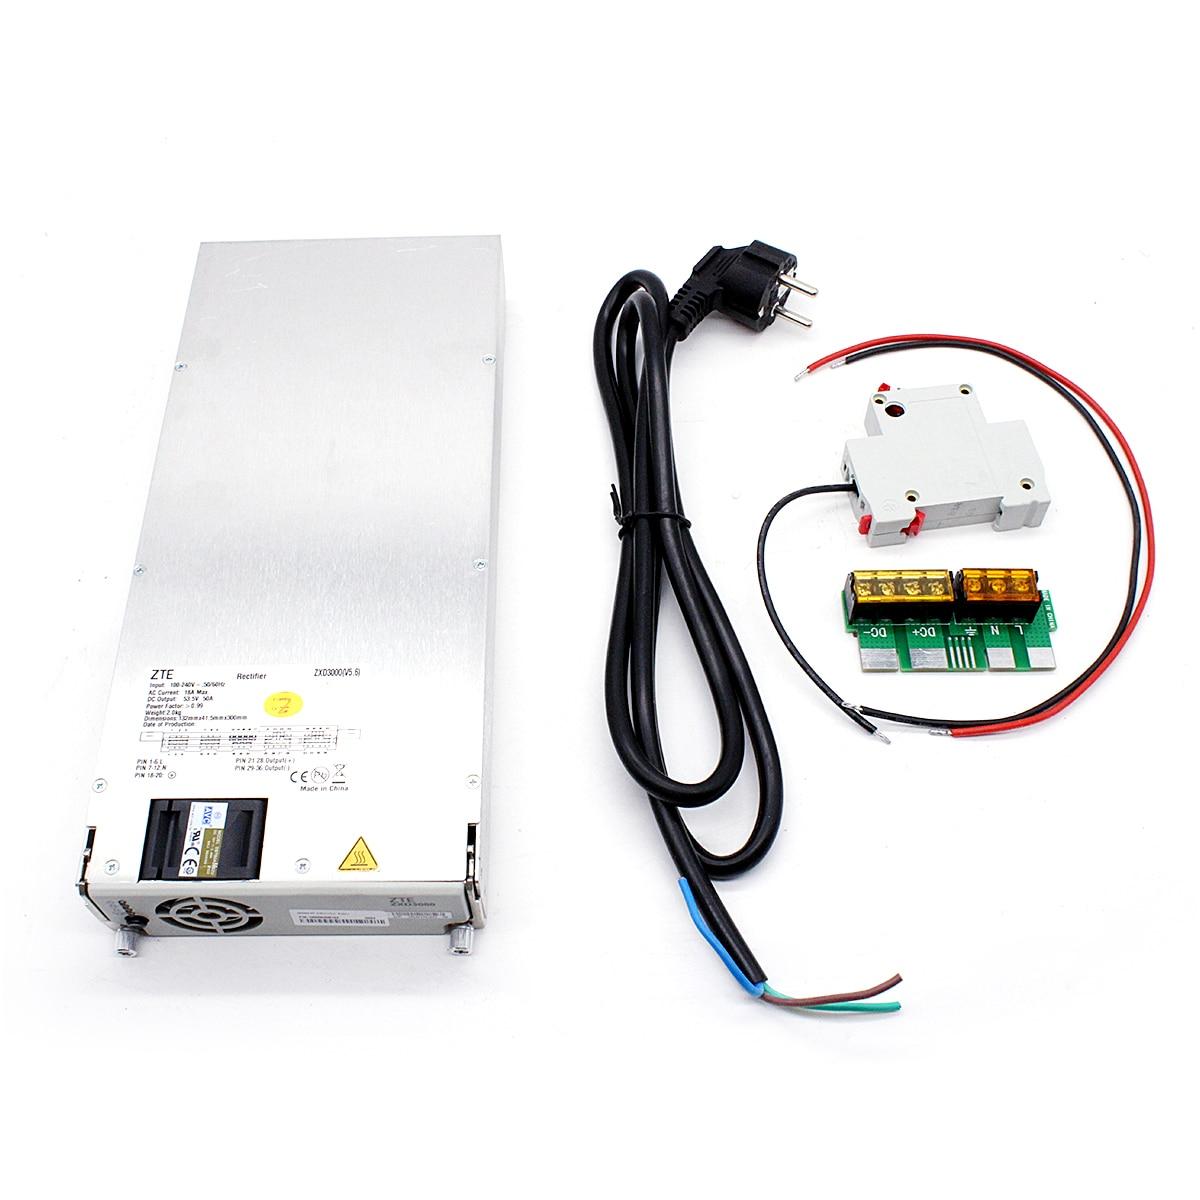 مزود طاقة للتدفئة ZVS ، آلة تسخين بالحث ، 3000 واط ، 48 فولت